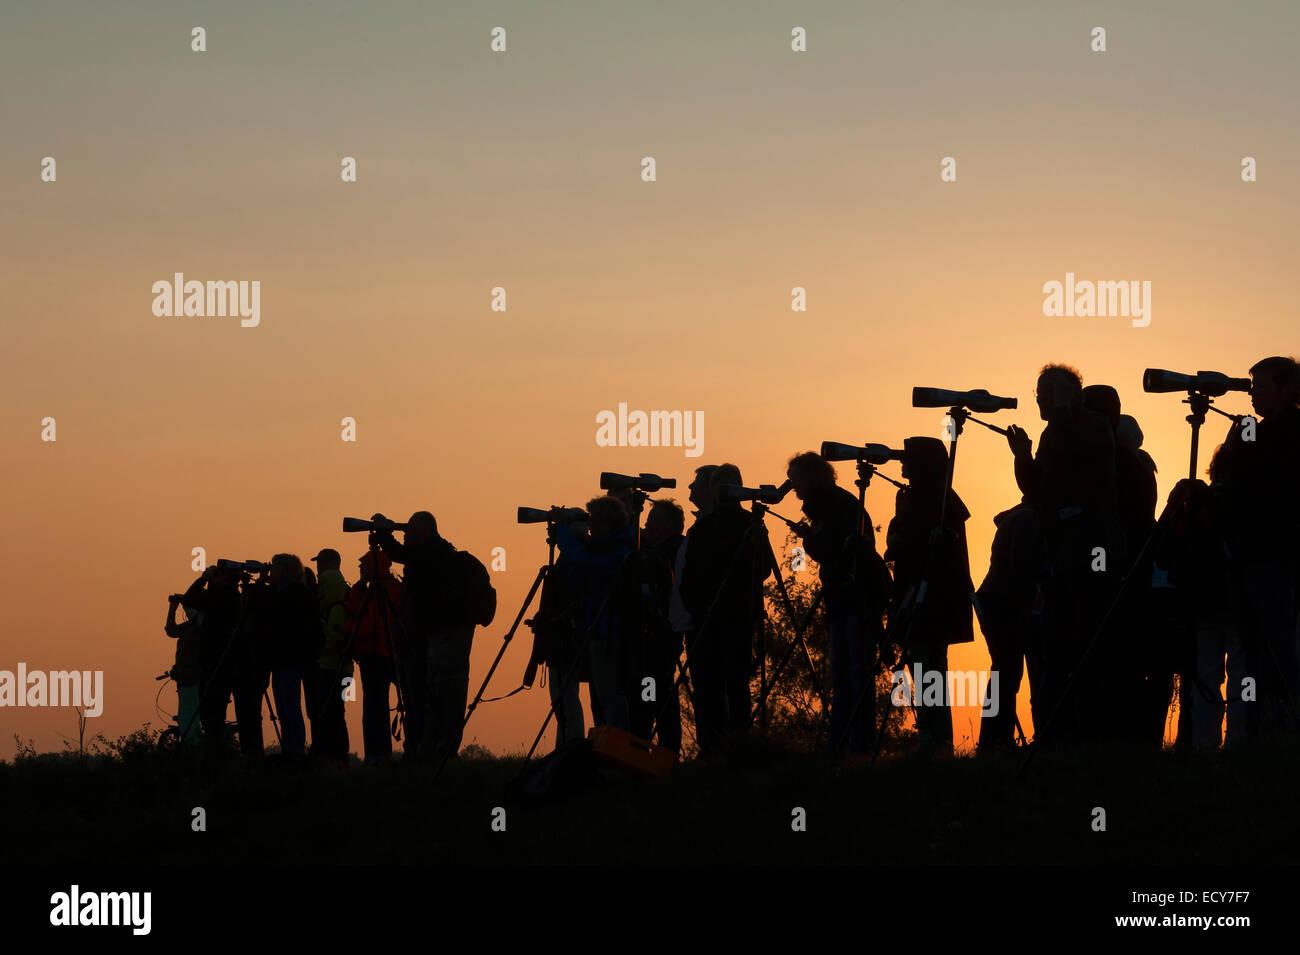 Vogelbeobachtung silhouetten von menschen mit dem fernglas gegen